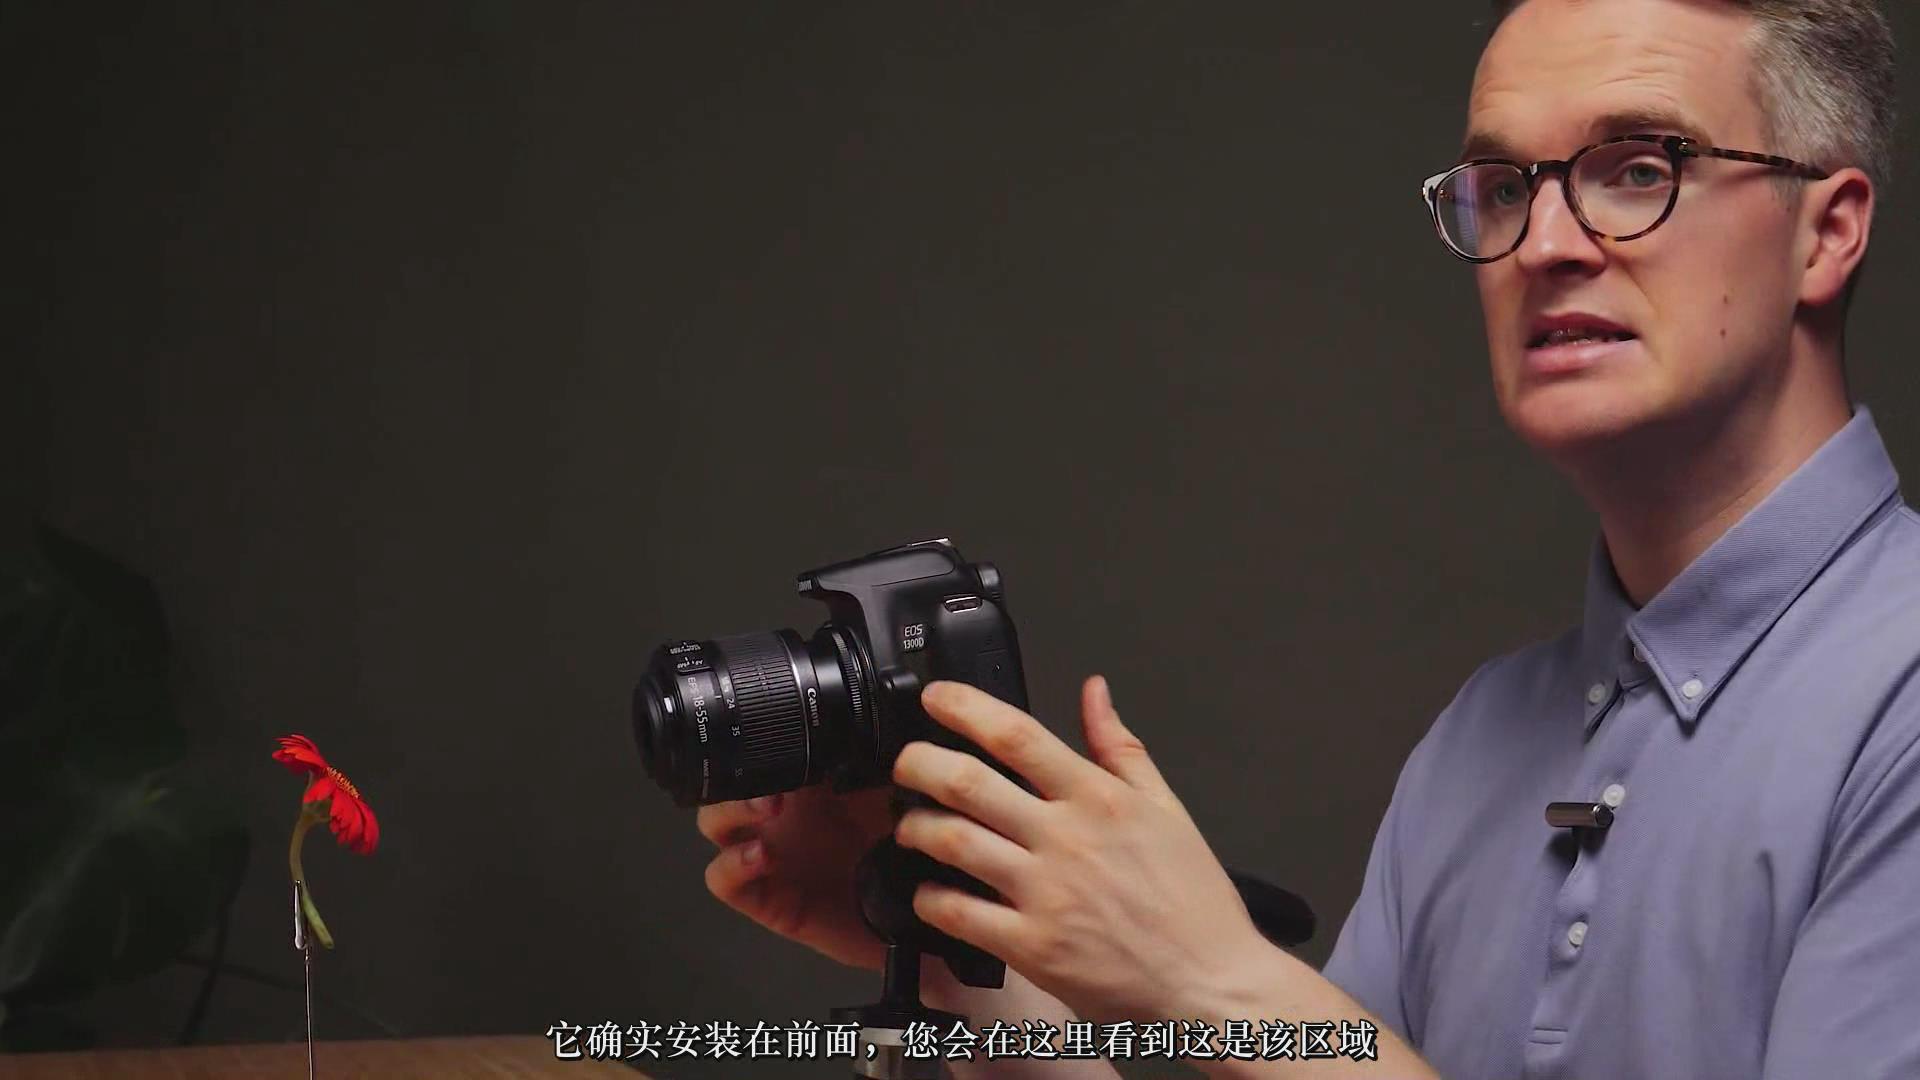 摄影教程_JOSHUA DUNLOP-掌握宏观微距摄影-捕捉惊人的细节-中文字幕 摄影教程 _预览图4